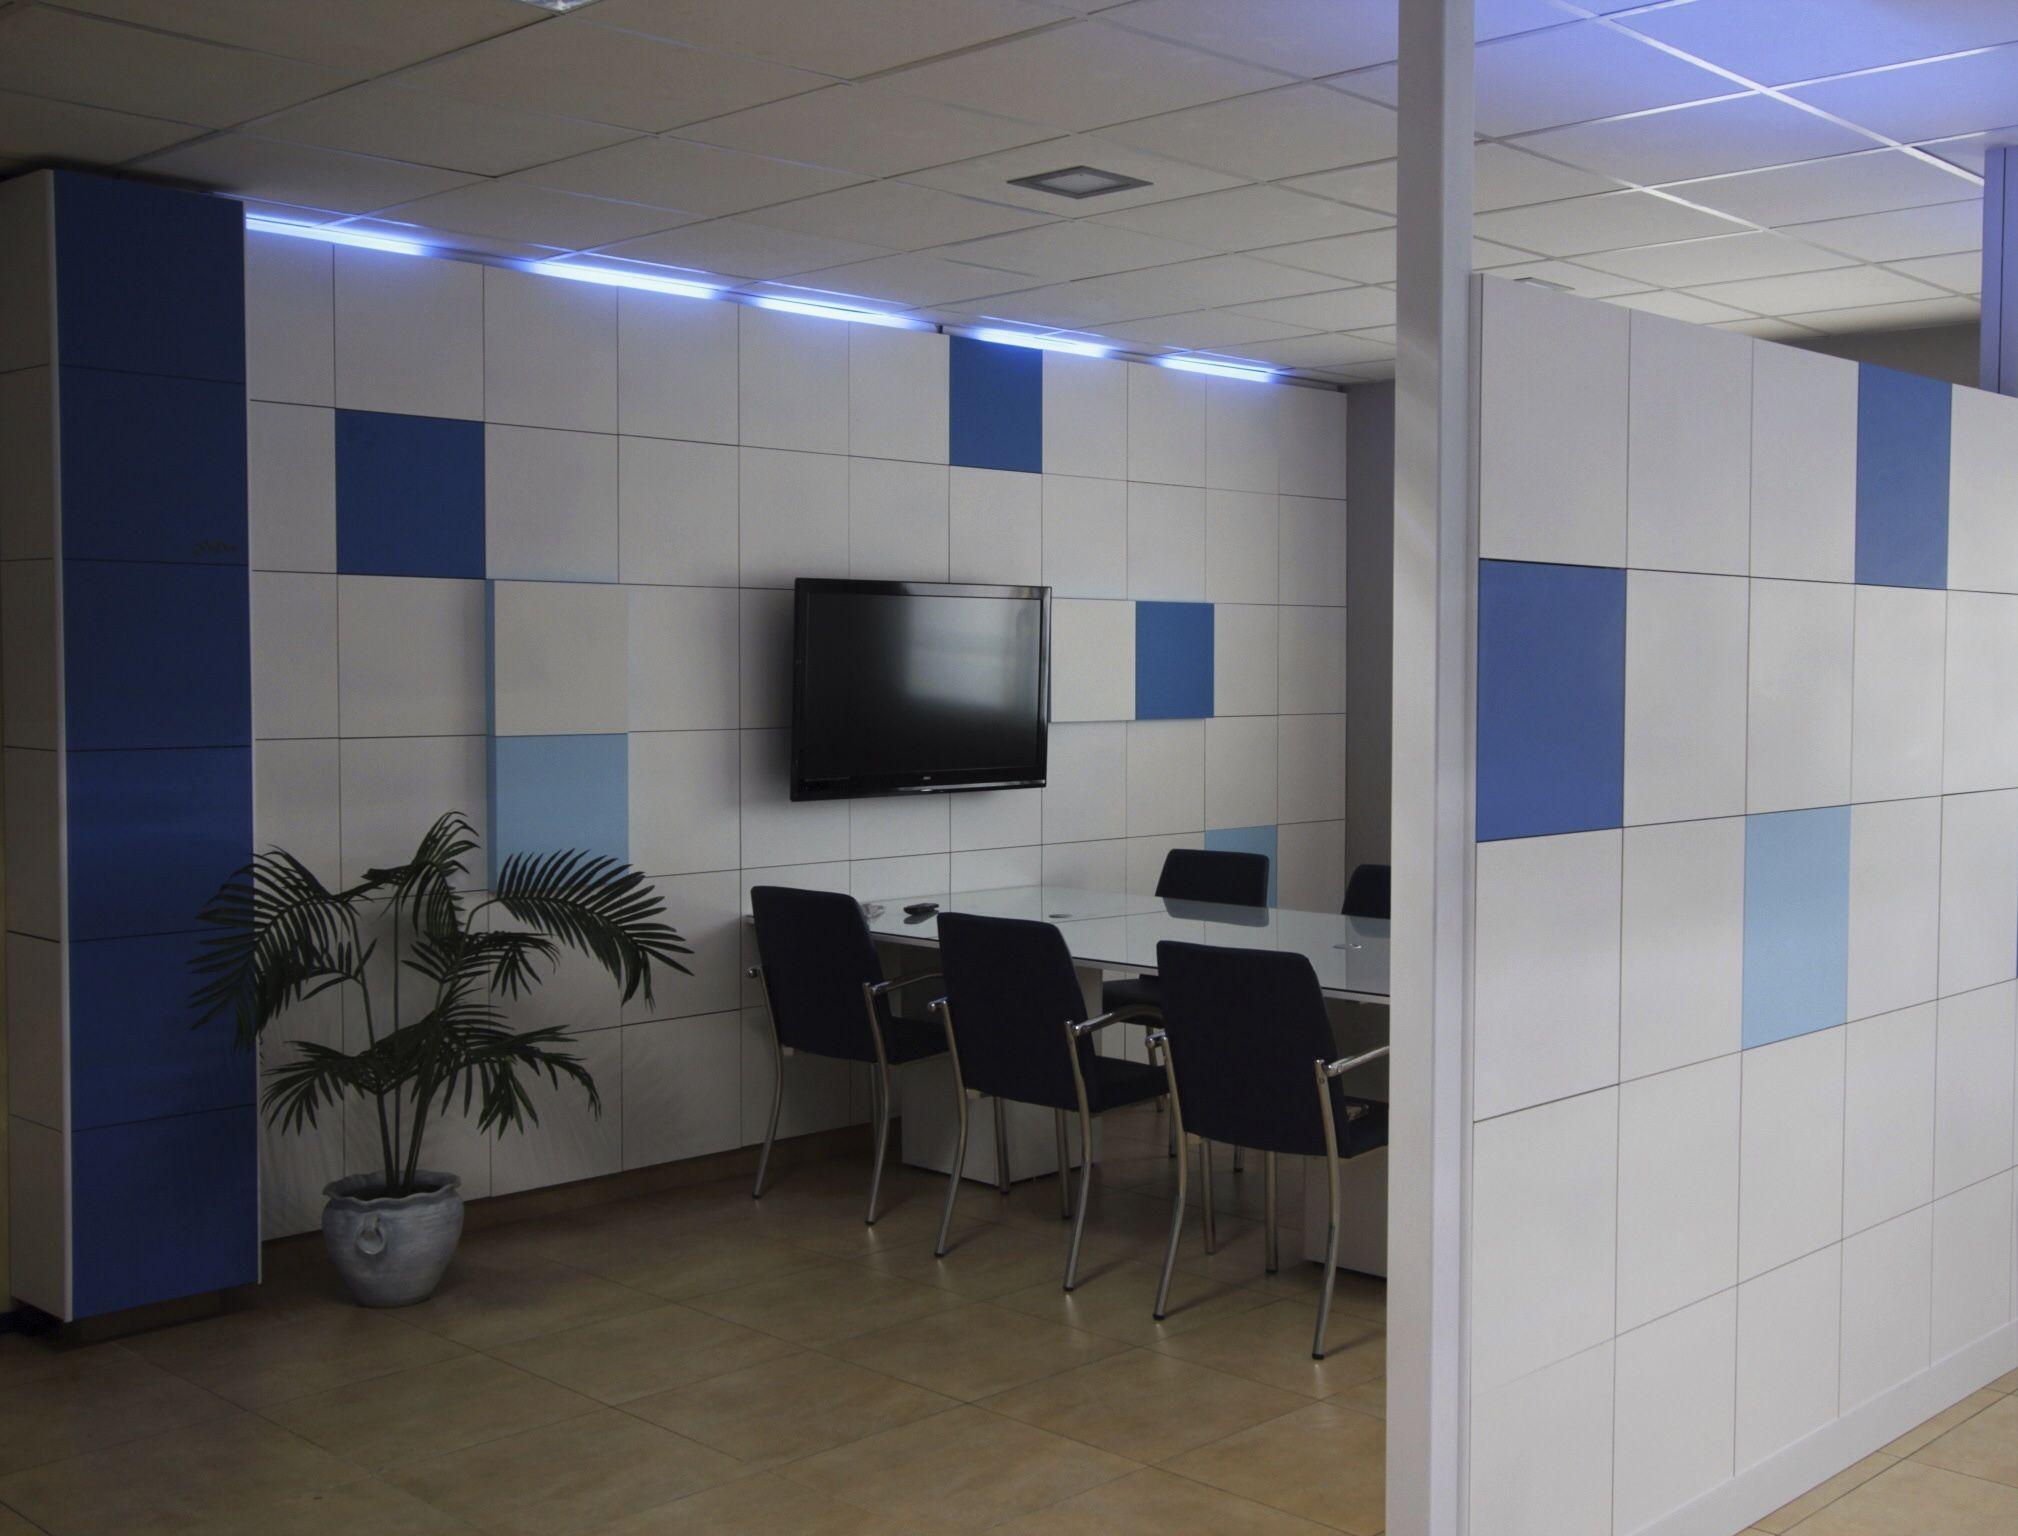 Pin de serastone en tabiques separadores de ambientes - Separadores oficina ...